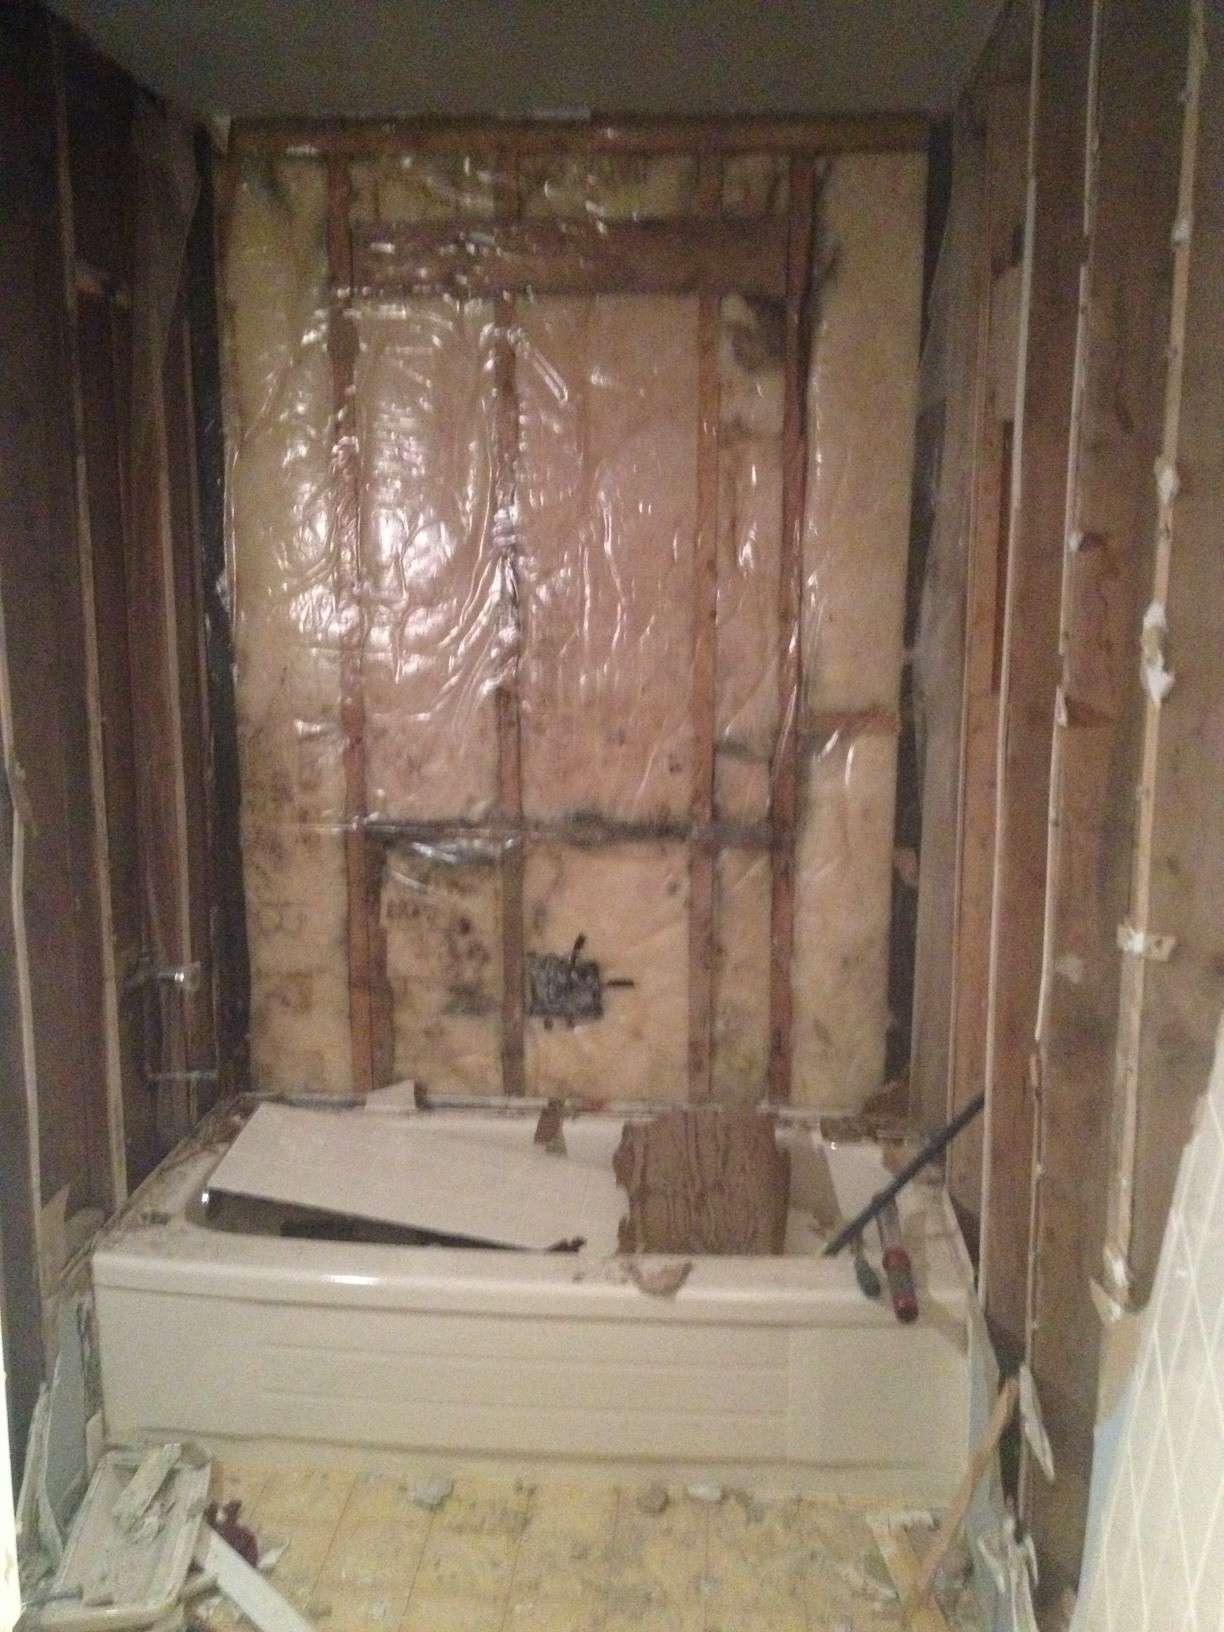 5 X 8 Bathroom Layout 3 Bedroom 2 Bathroom U2013 31u002639 X. Bathroom Amenities